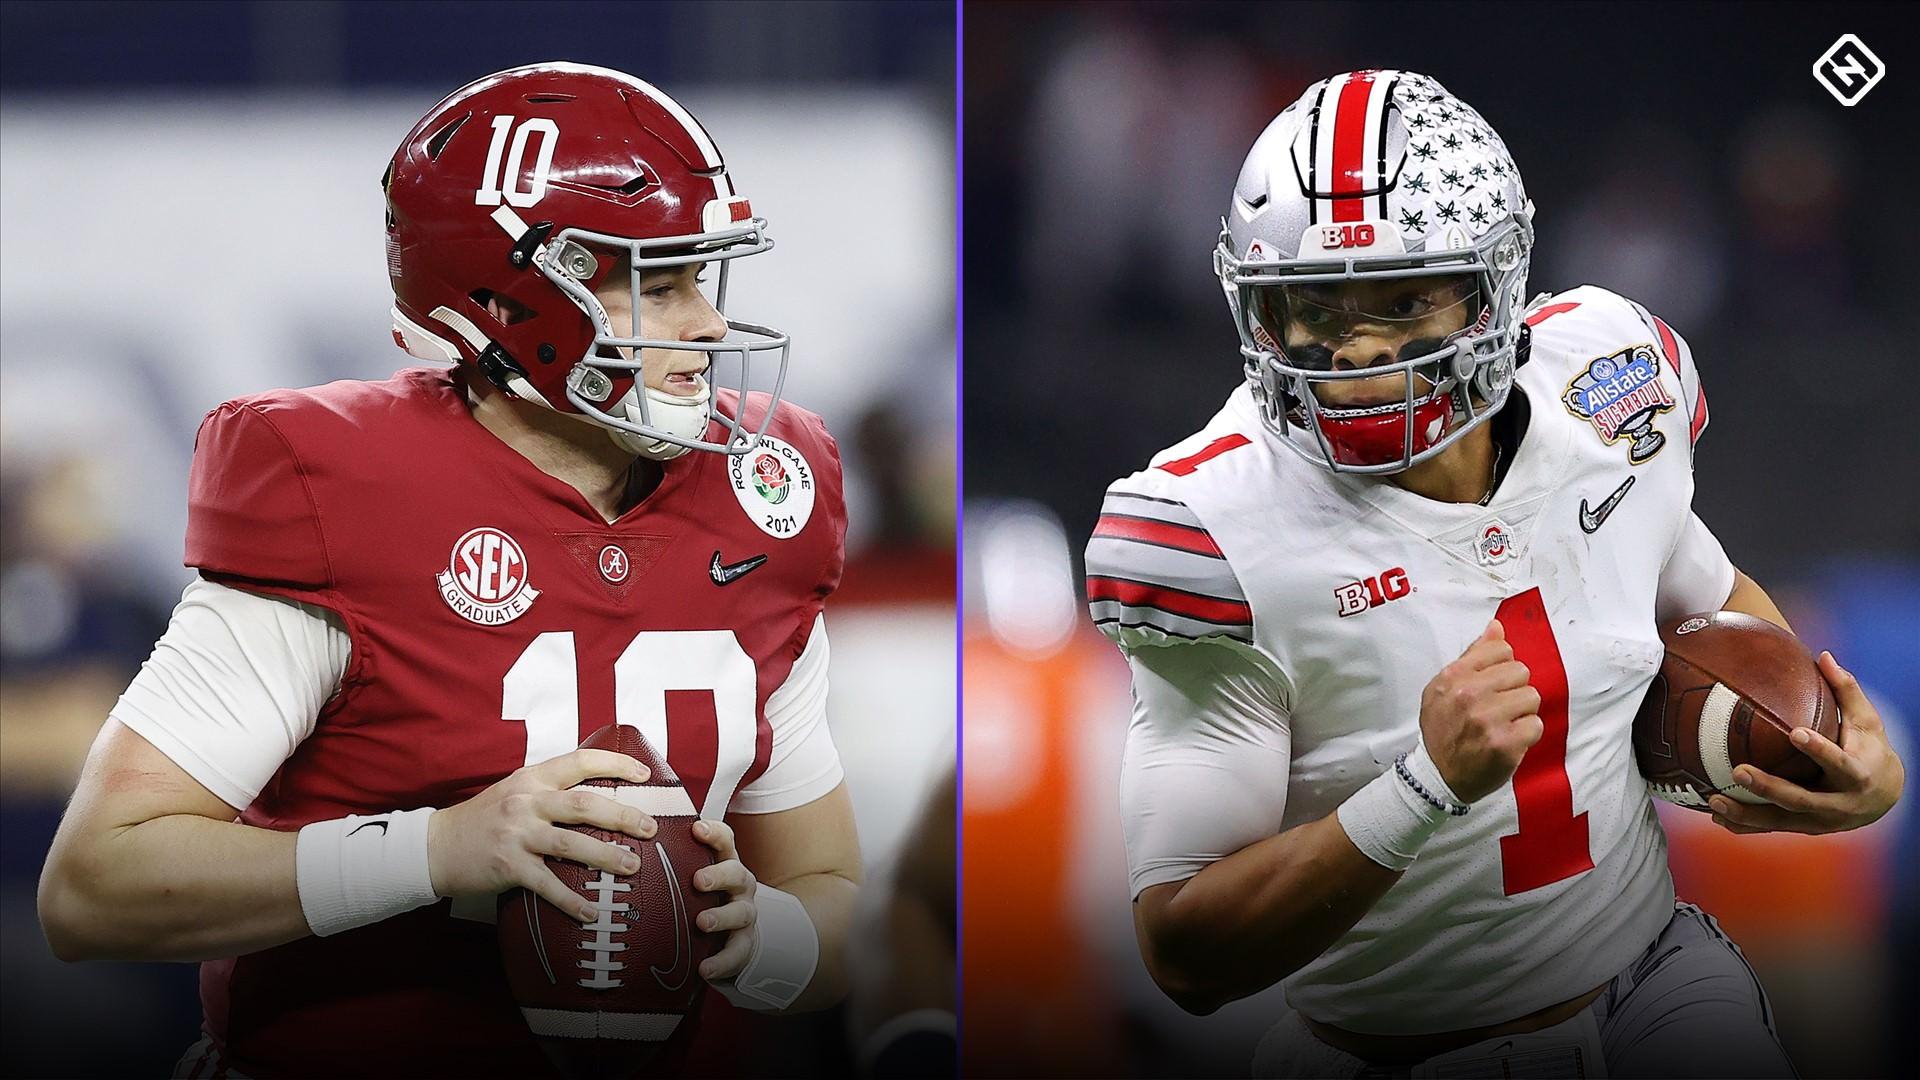 NFL mock draft 2021: Projetando onde os jogadores do Alabama, Ohio State pousarão na primeira rodada